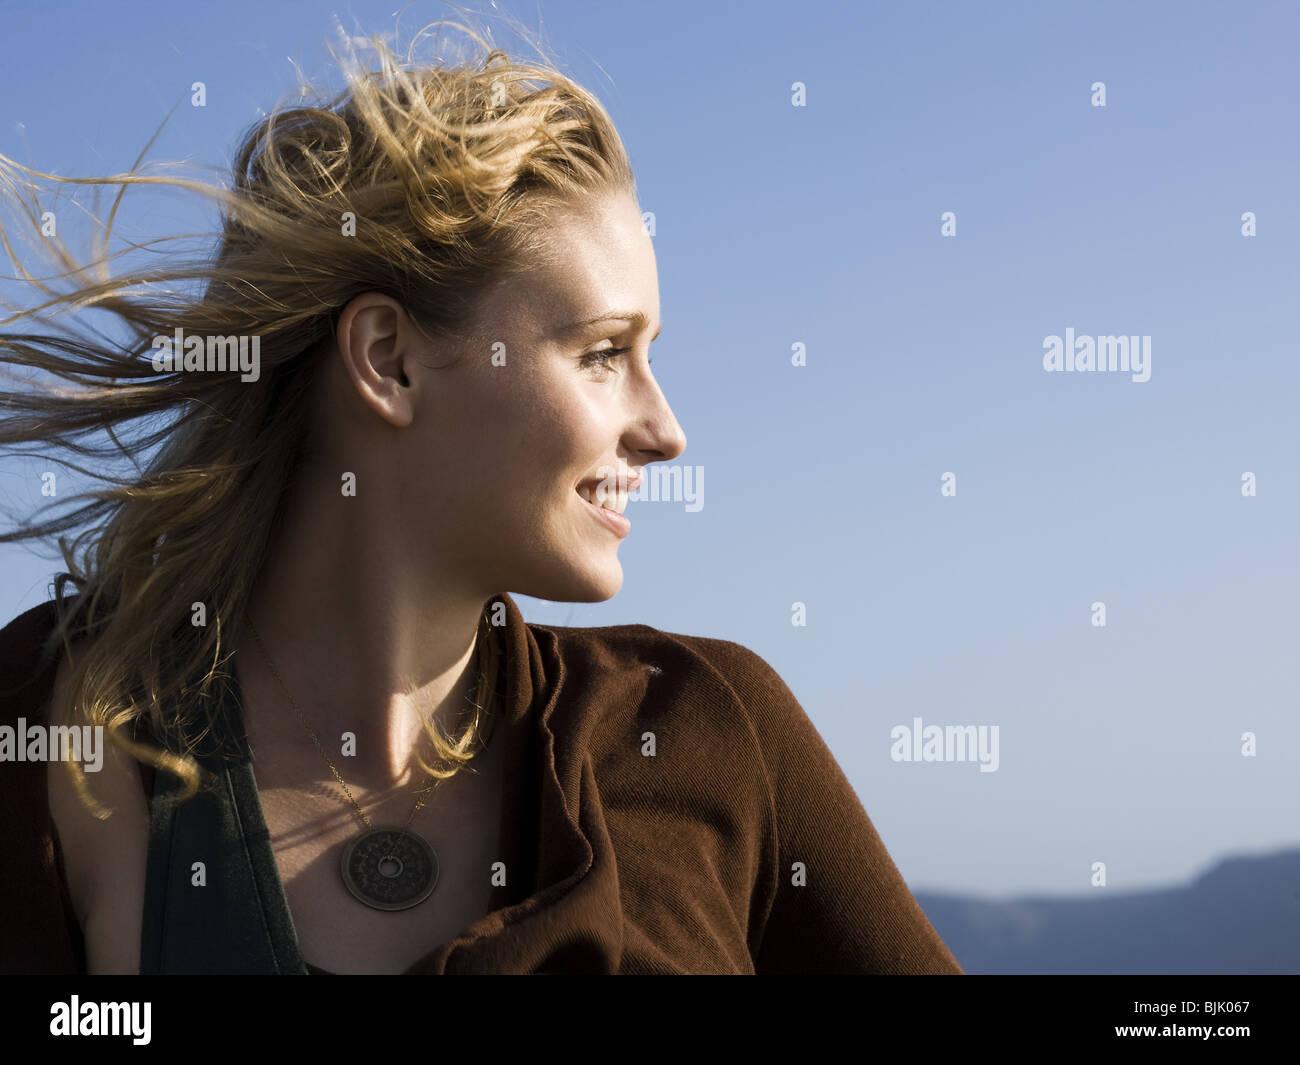 Primo piano della donna sorridente in esterni con cielo blu Immagini Stock